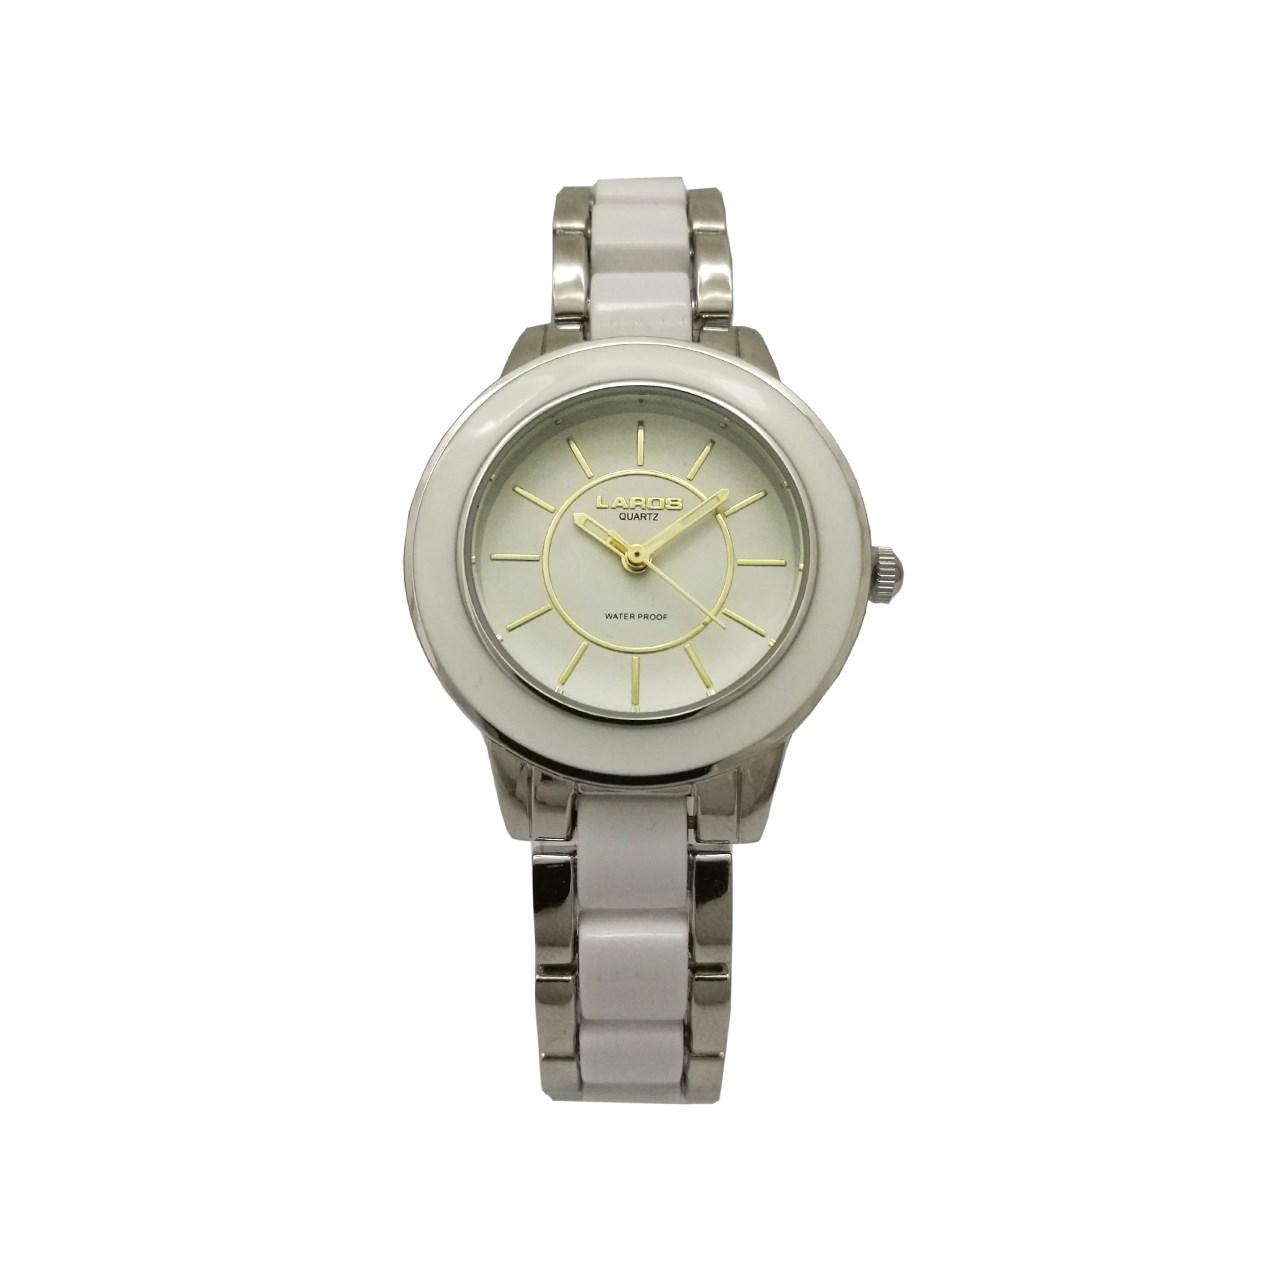 ساعت مچی عقربه ای زنانه لاروس مدل1116-79972 5